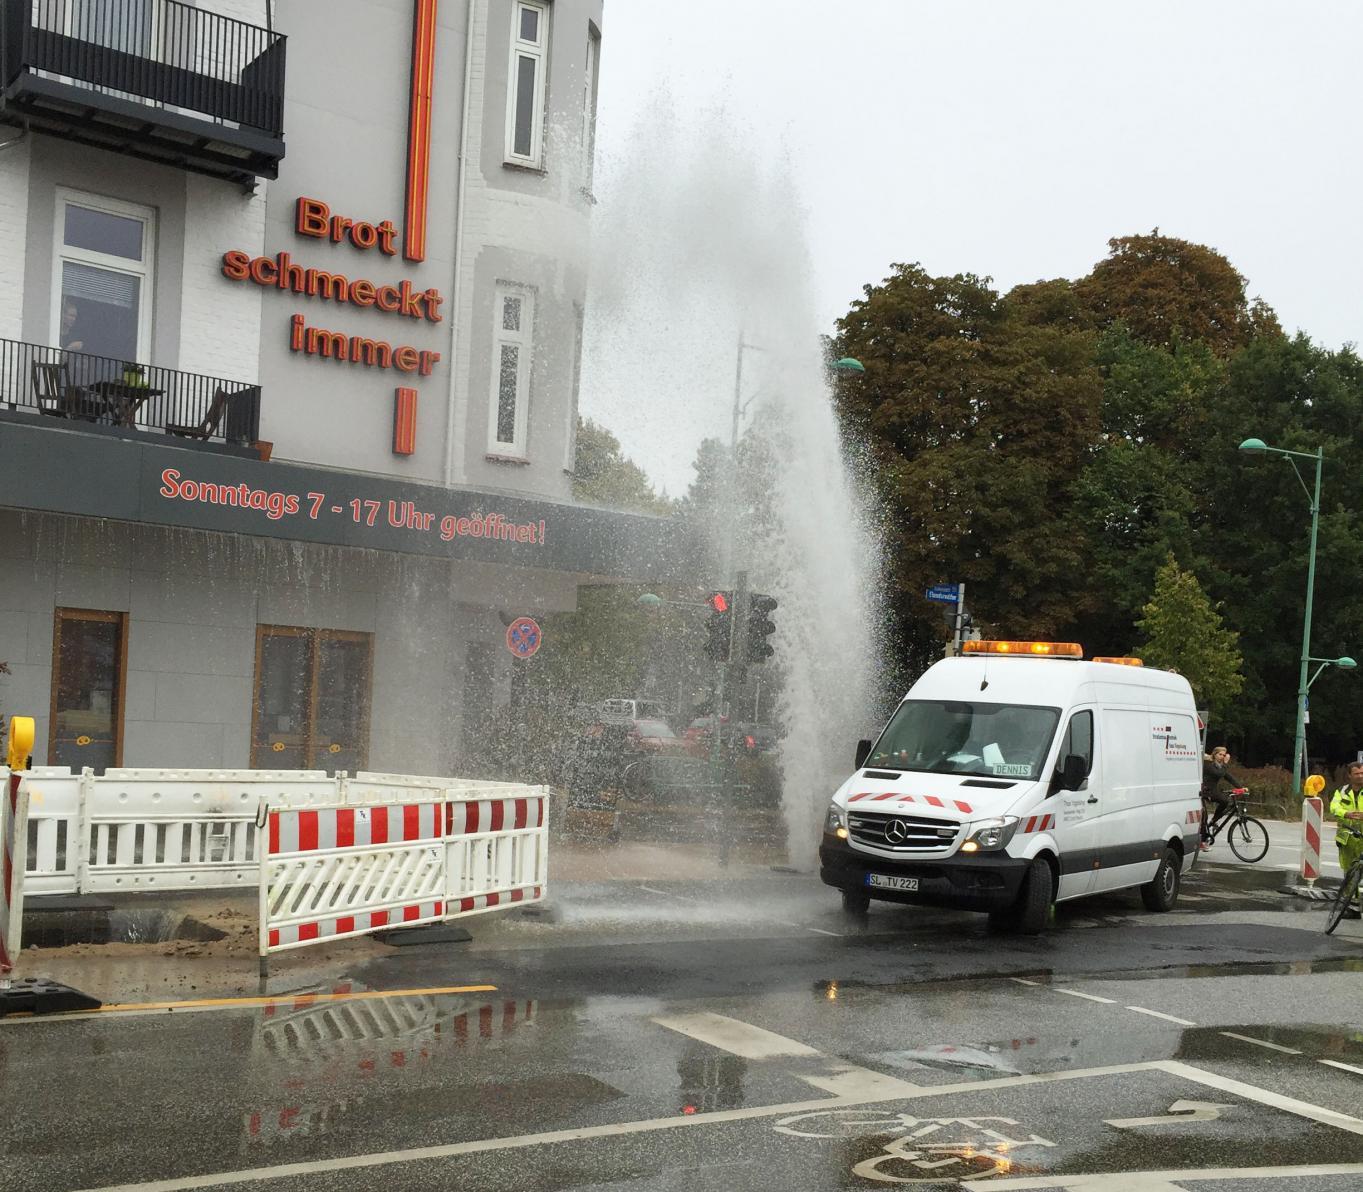 Wasserfontäne Kiel Wik nach Leitungsbruch